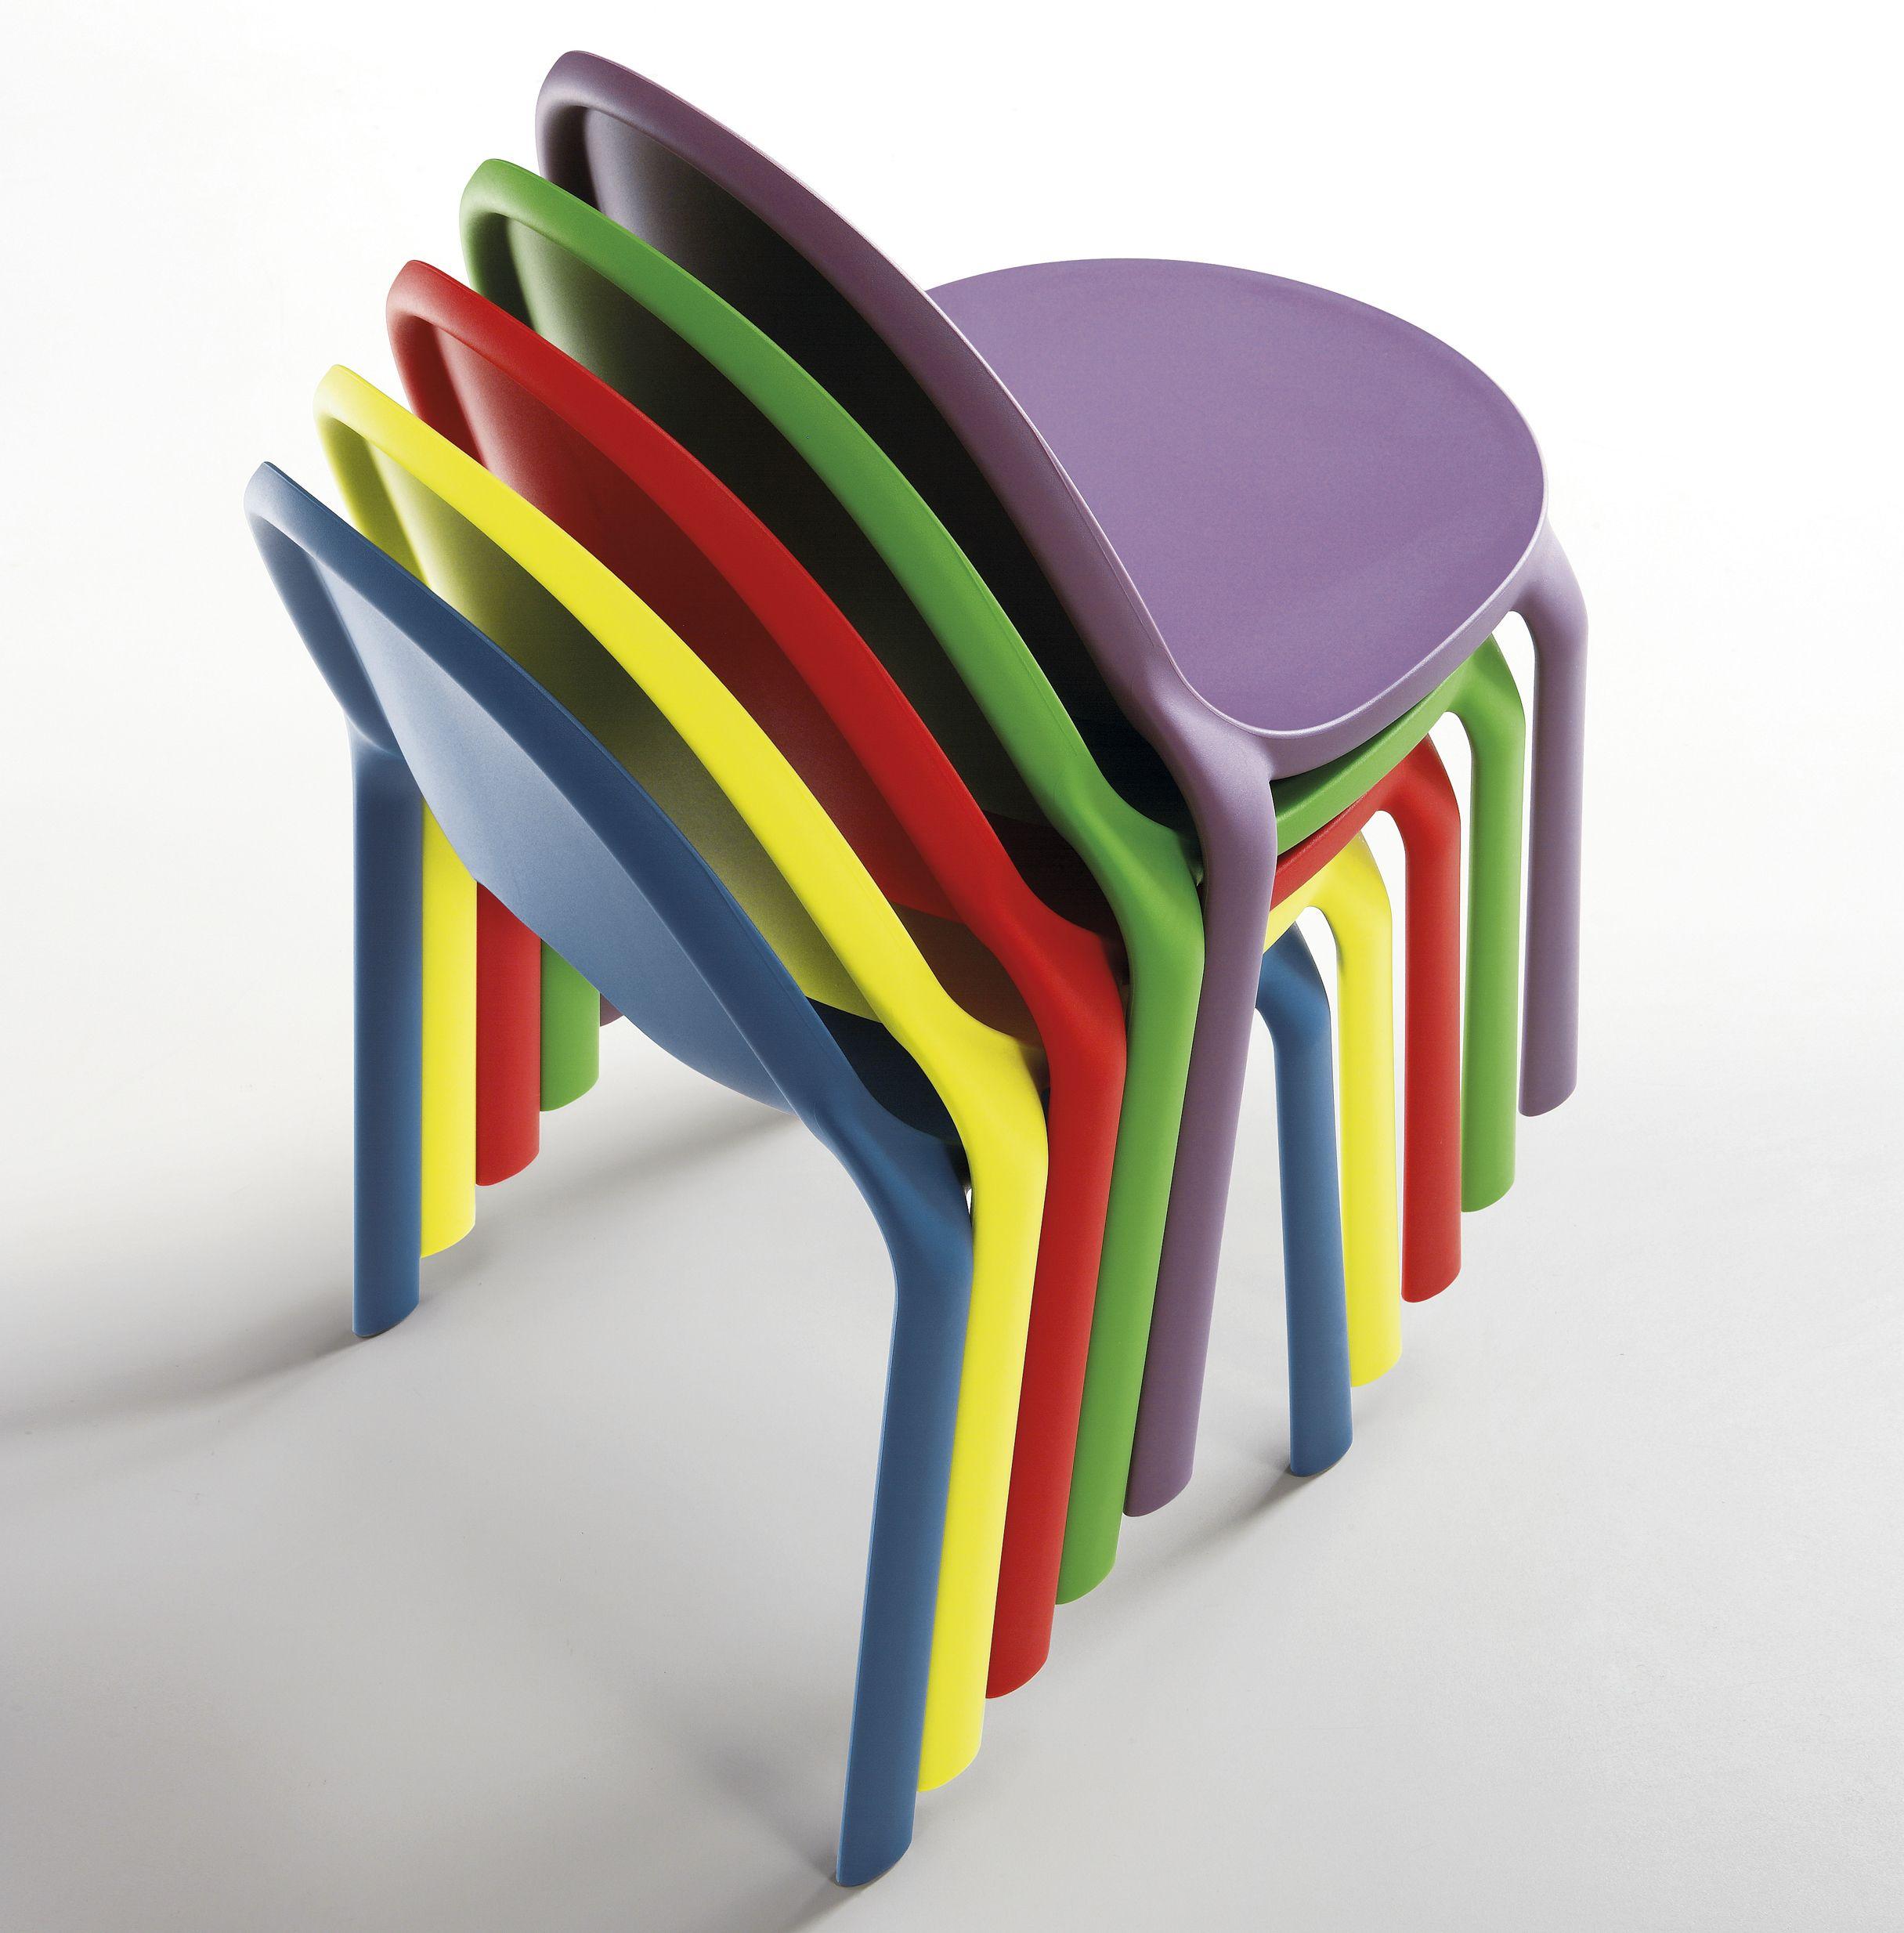 drop | sediainfiniti design radice & orlandini design studio